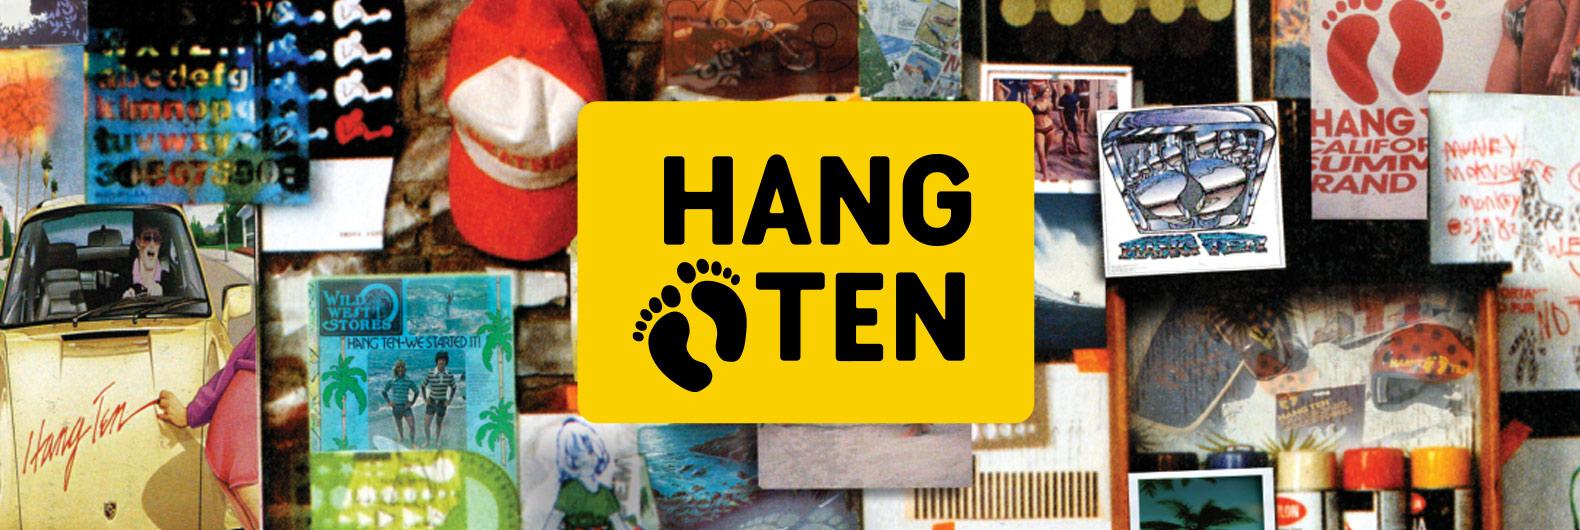 hang-10-1580x530